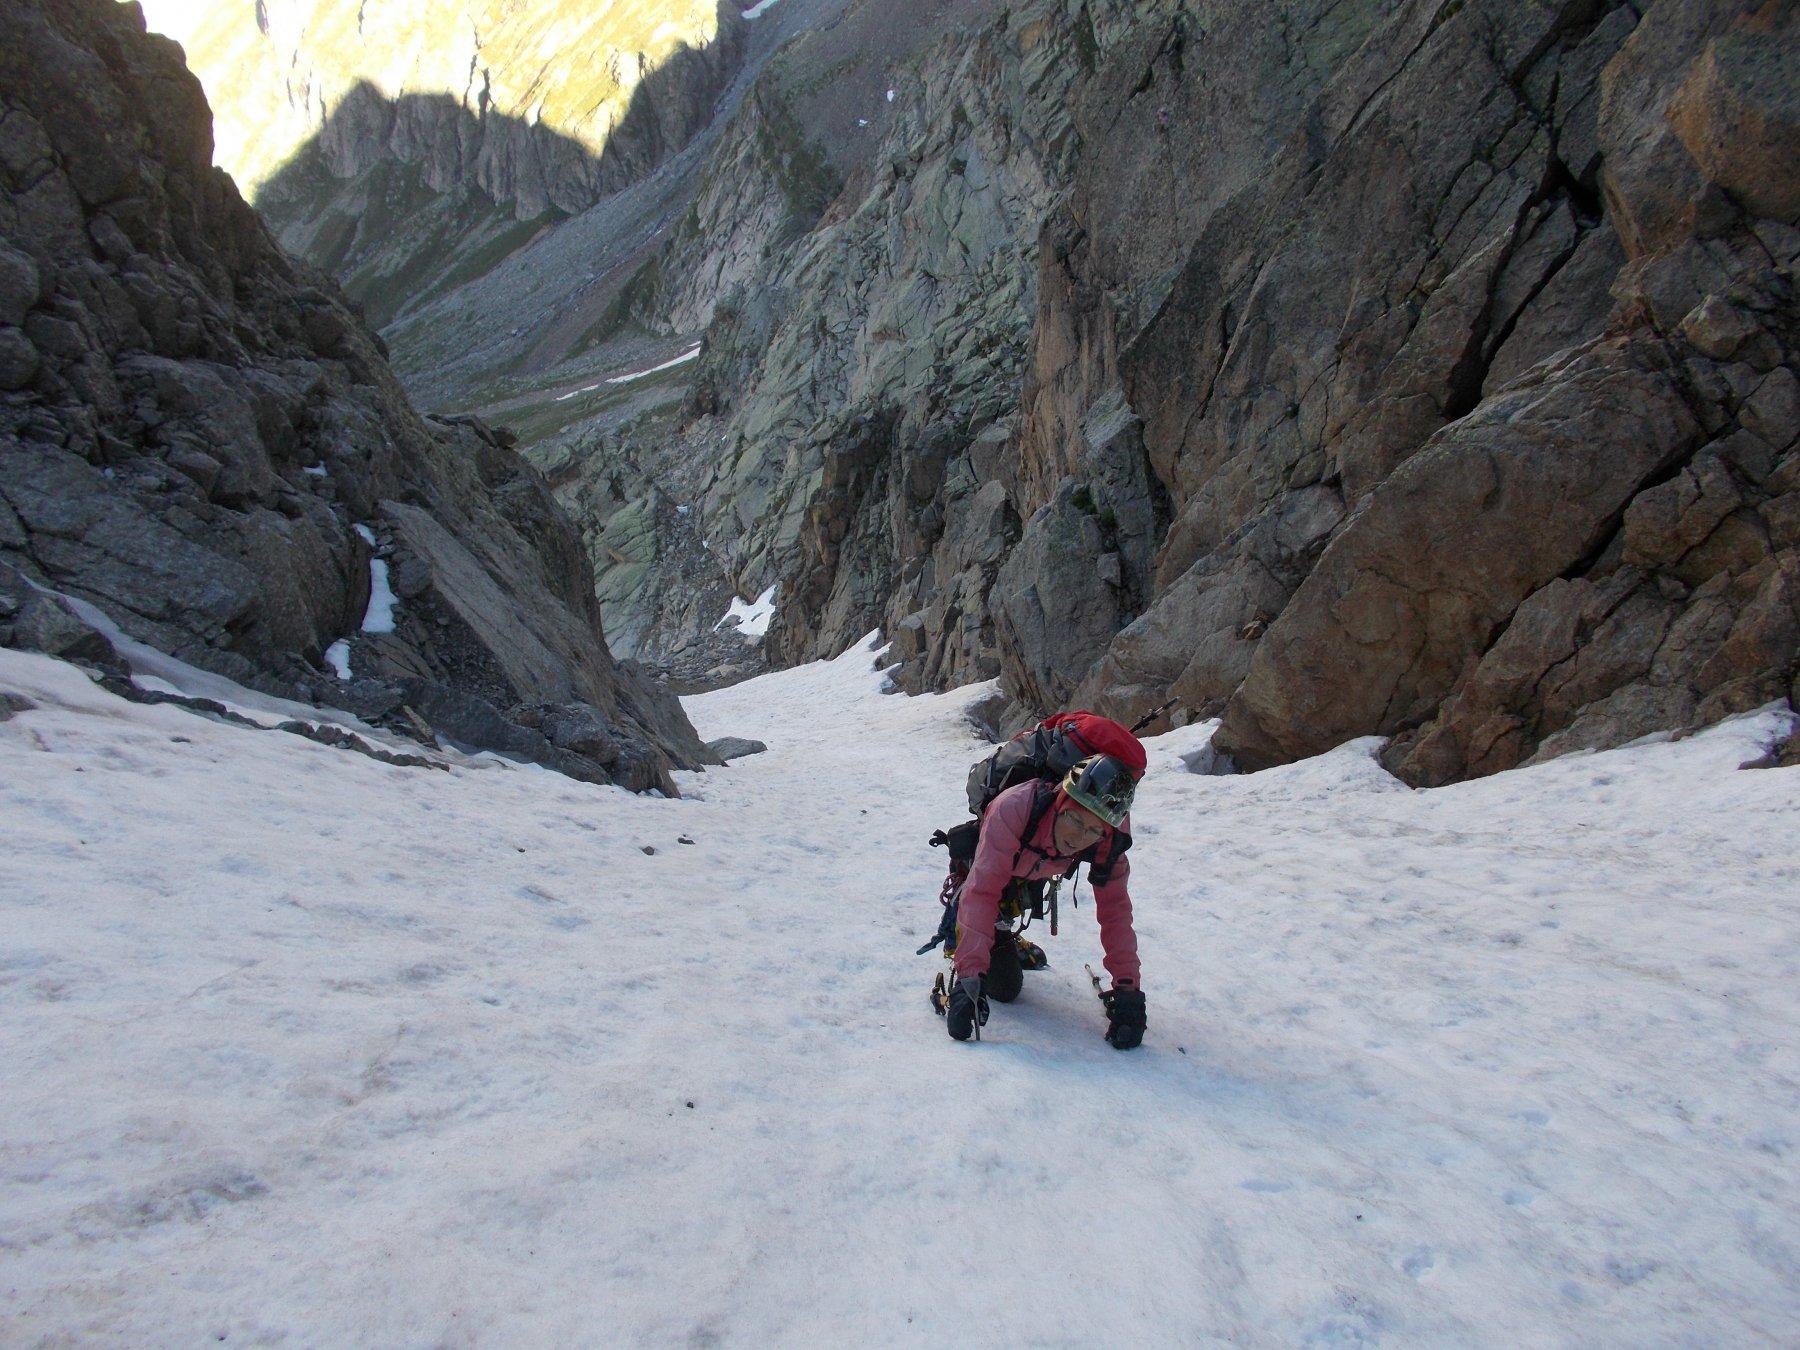 piu' neve in corrispondenza degli attacchi delle vie d'arrampicata..